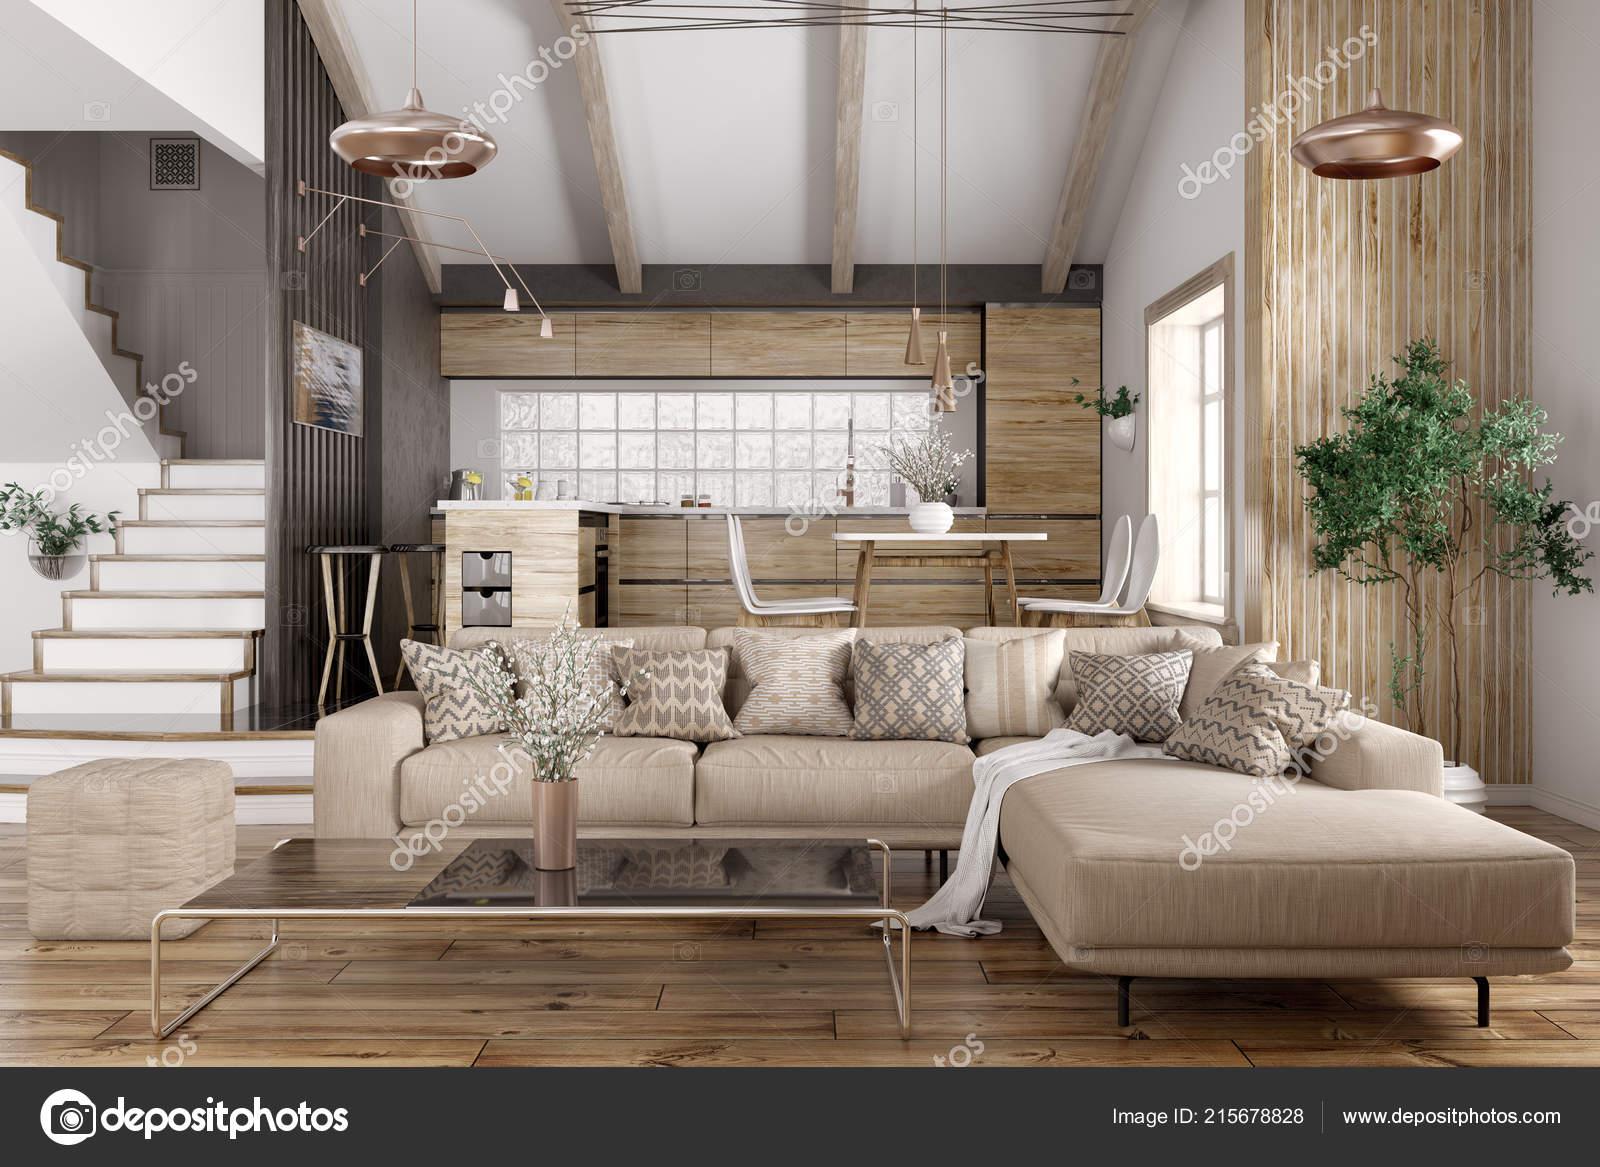 Modernes Interieur Des Hauses Küche Wohnzimmer Mit Sofa ...